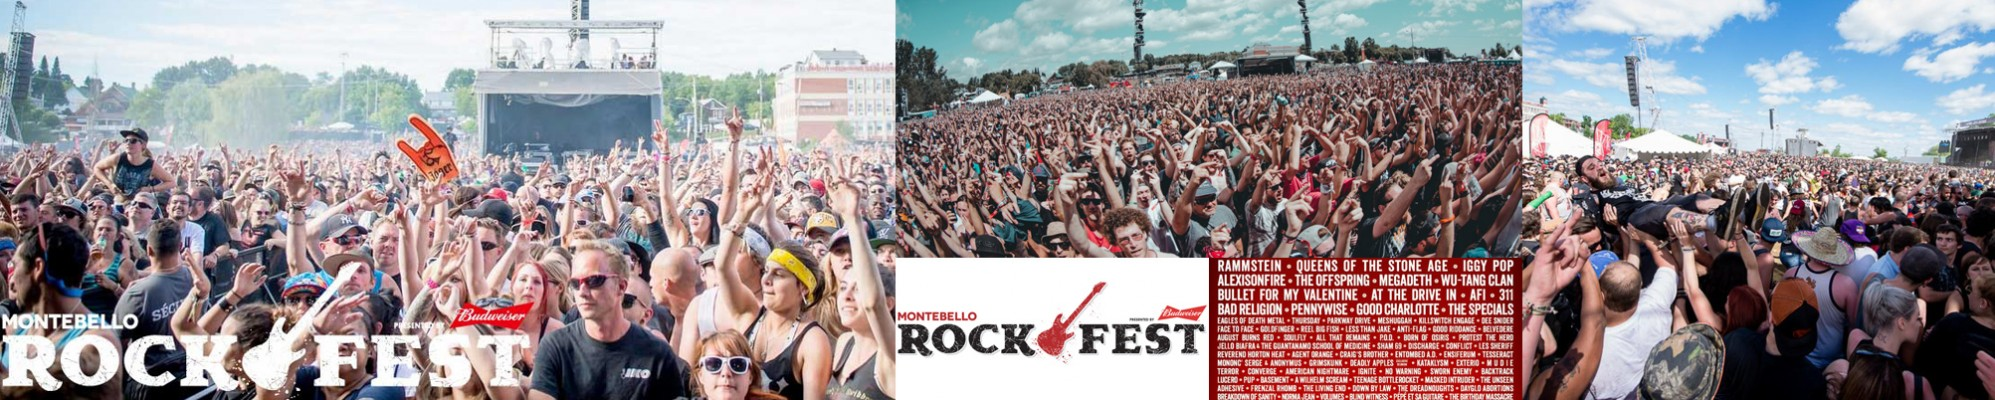 Festival musicali Canada: Montebello Rock Fest